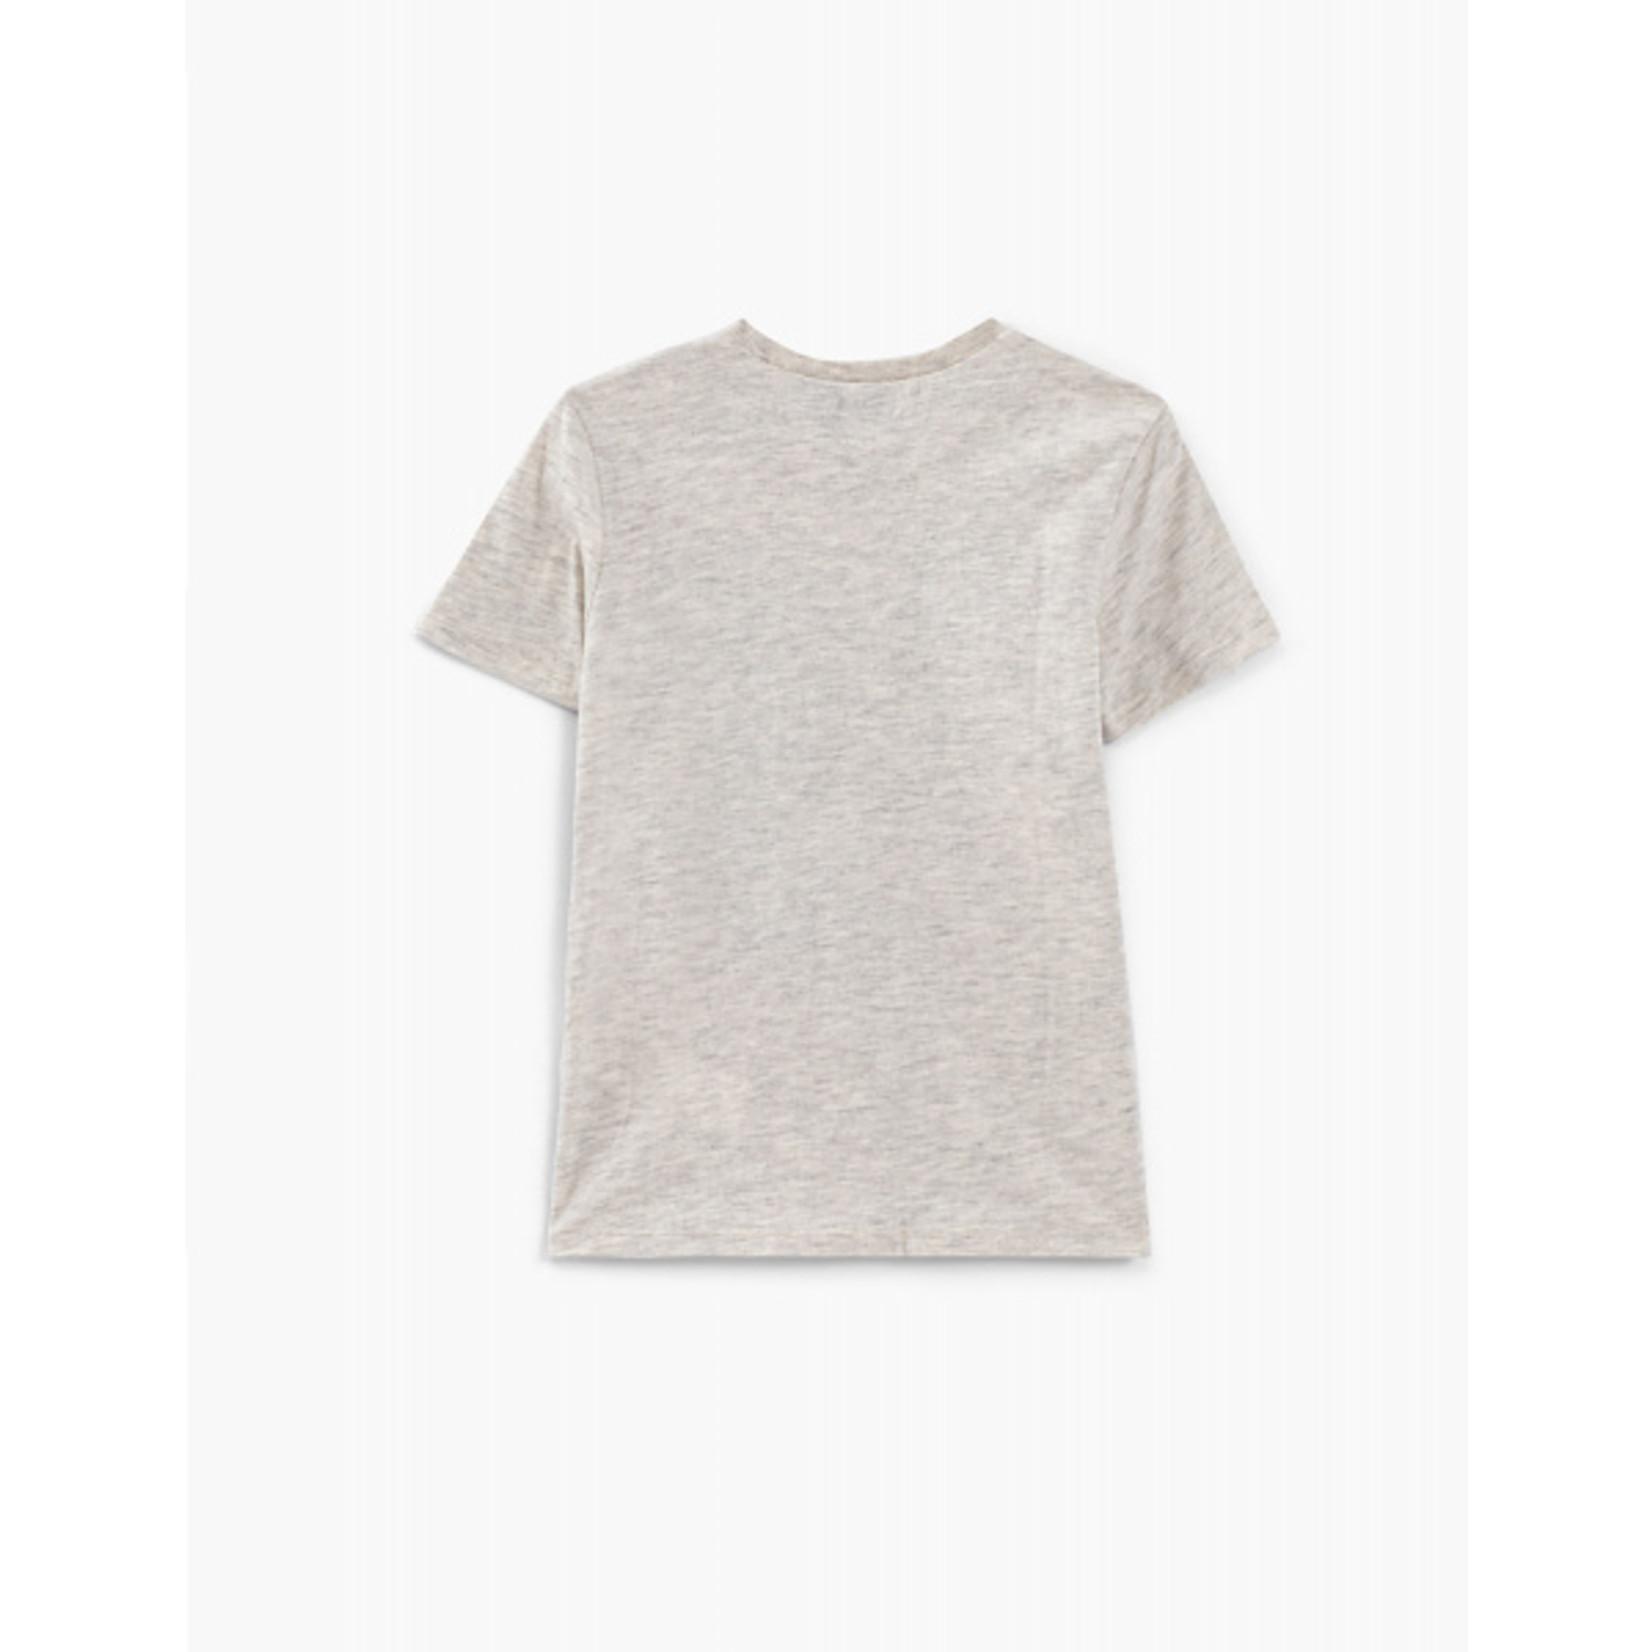 IKKS T-shirt XS10183